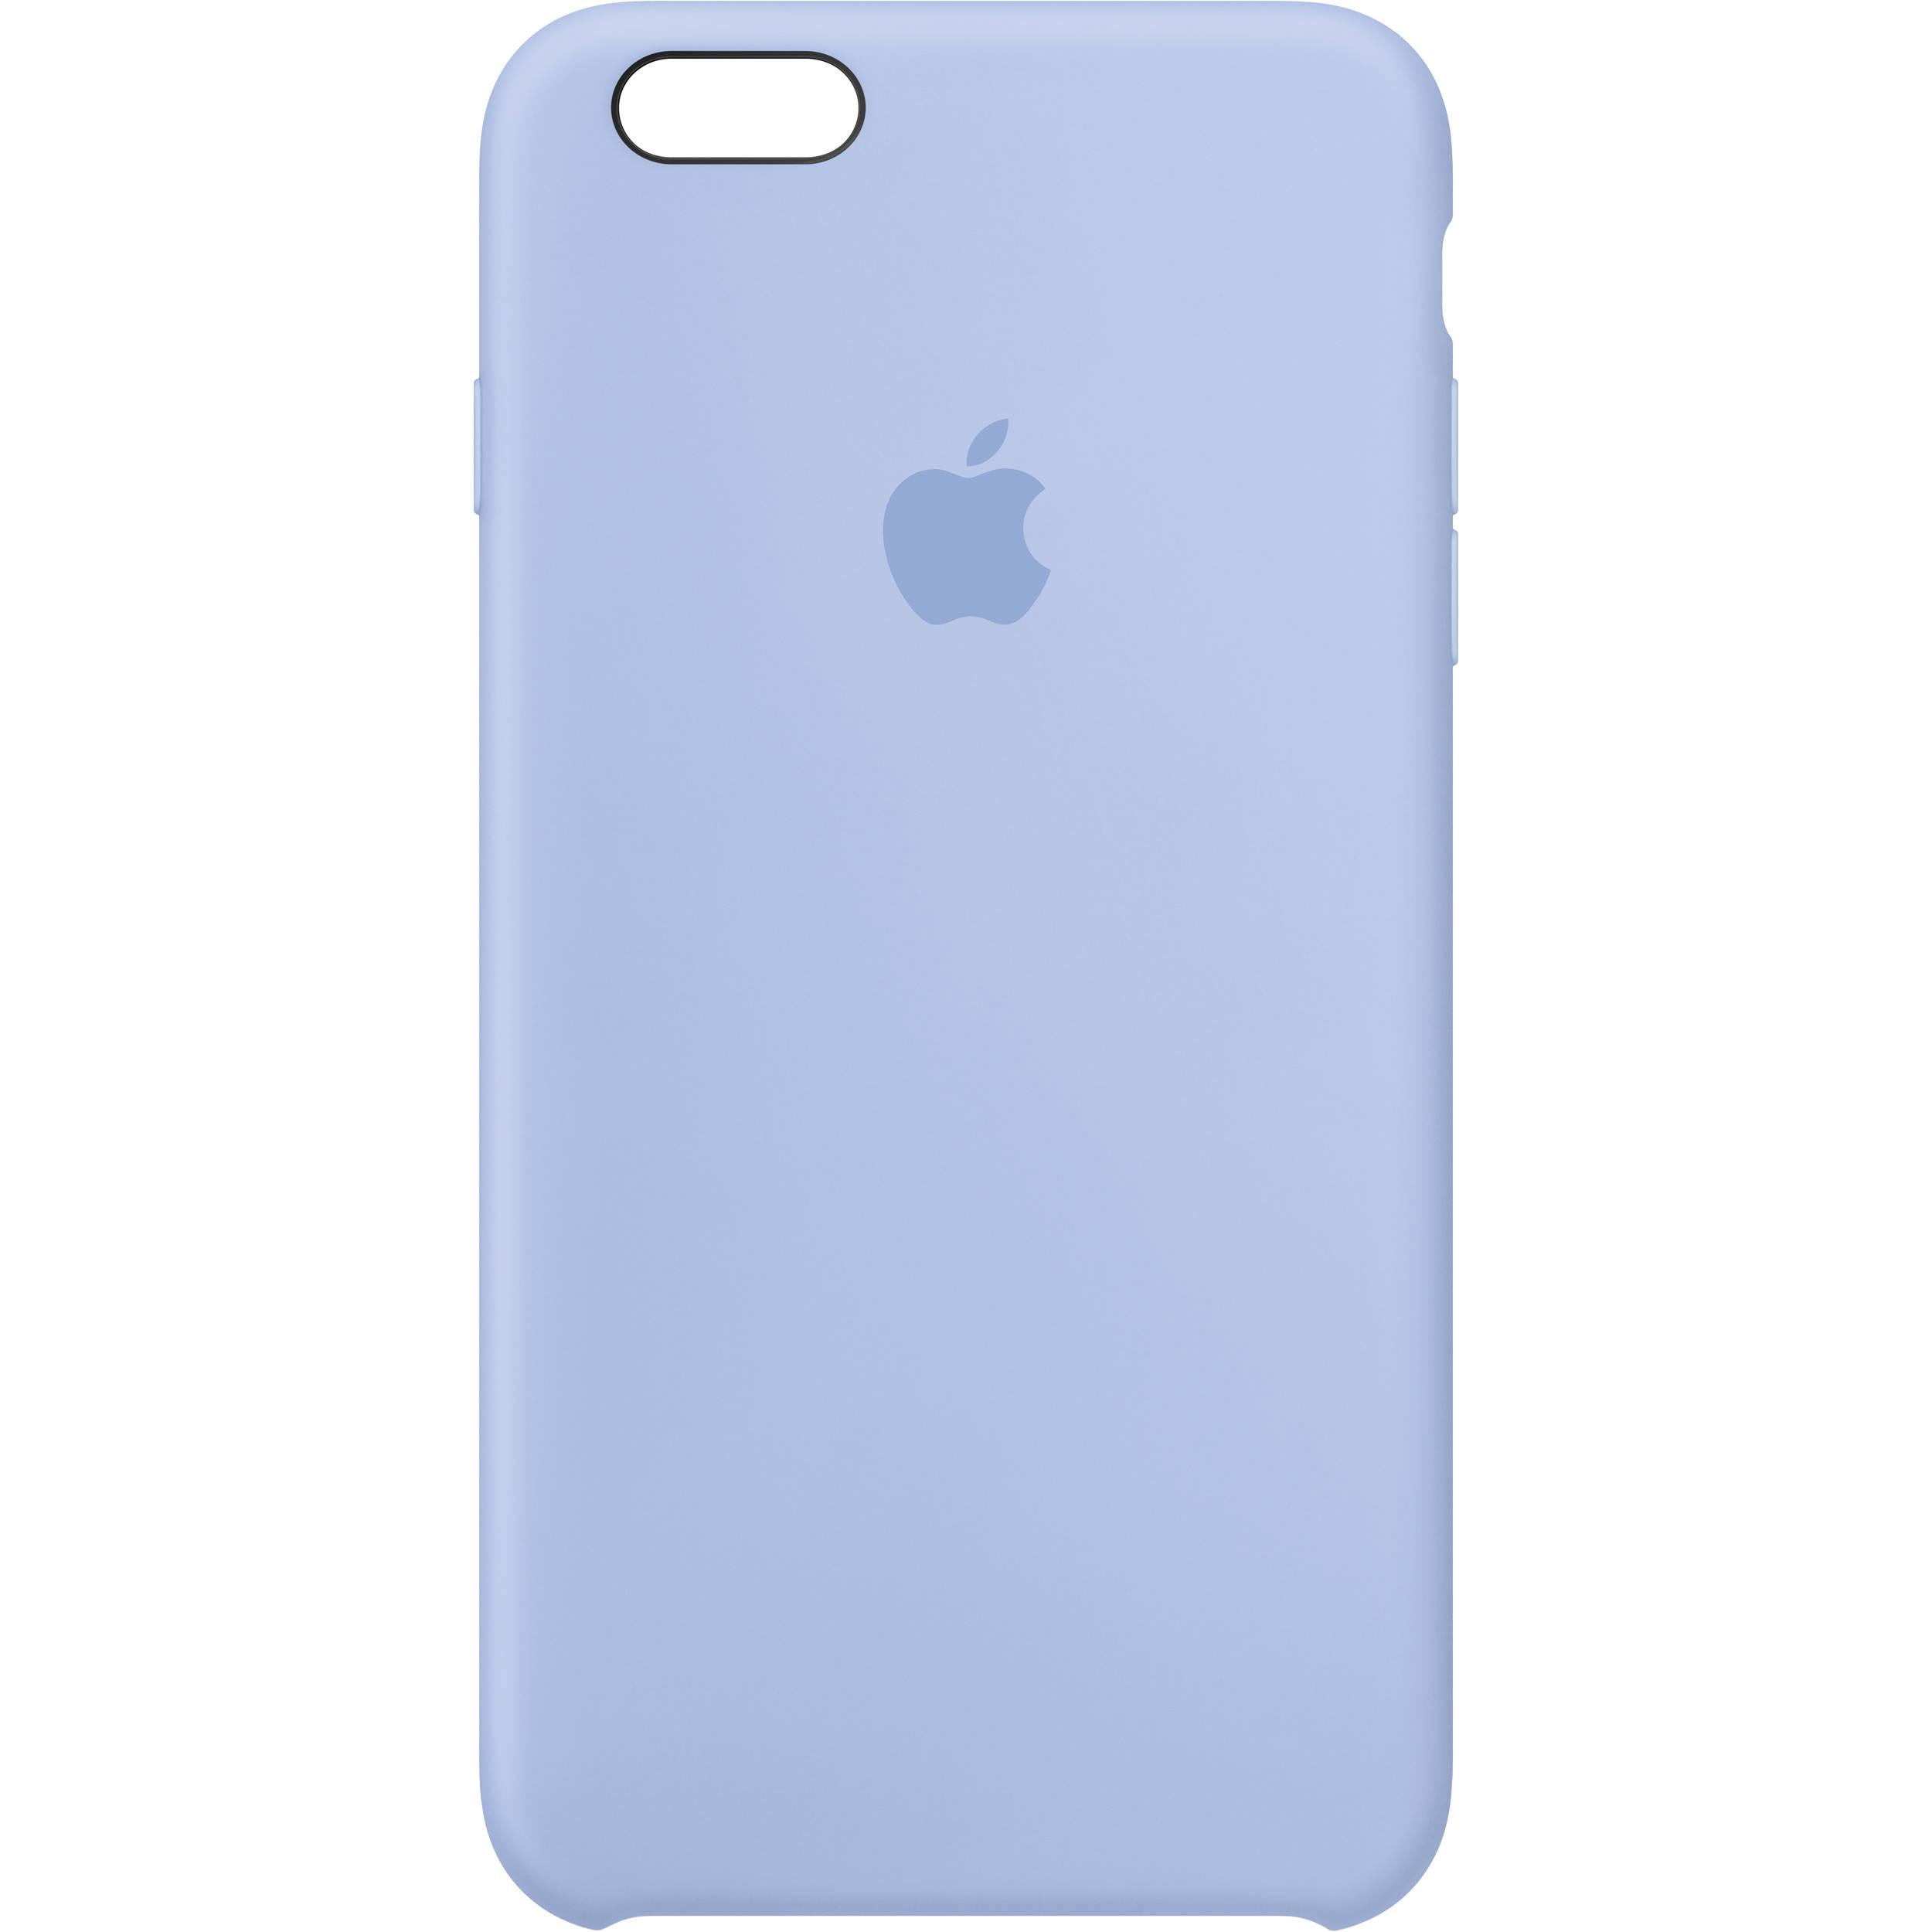 Apple iPhone 6 & 6 Plus Silicone Case